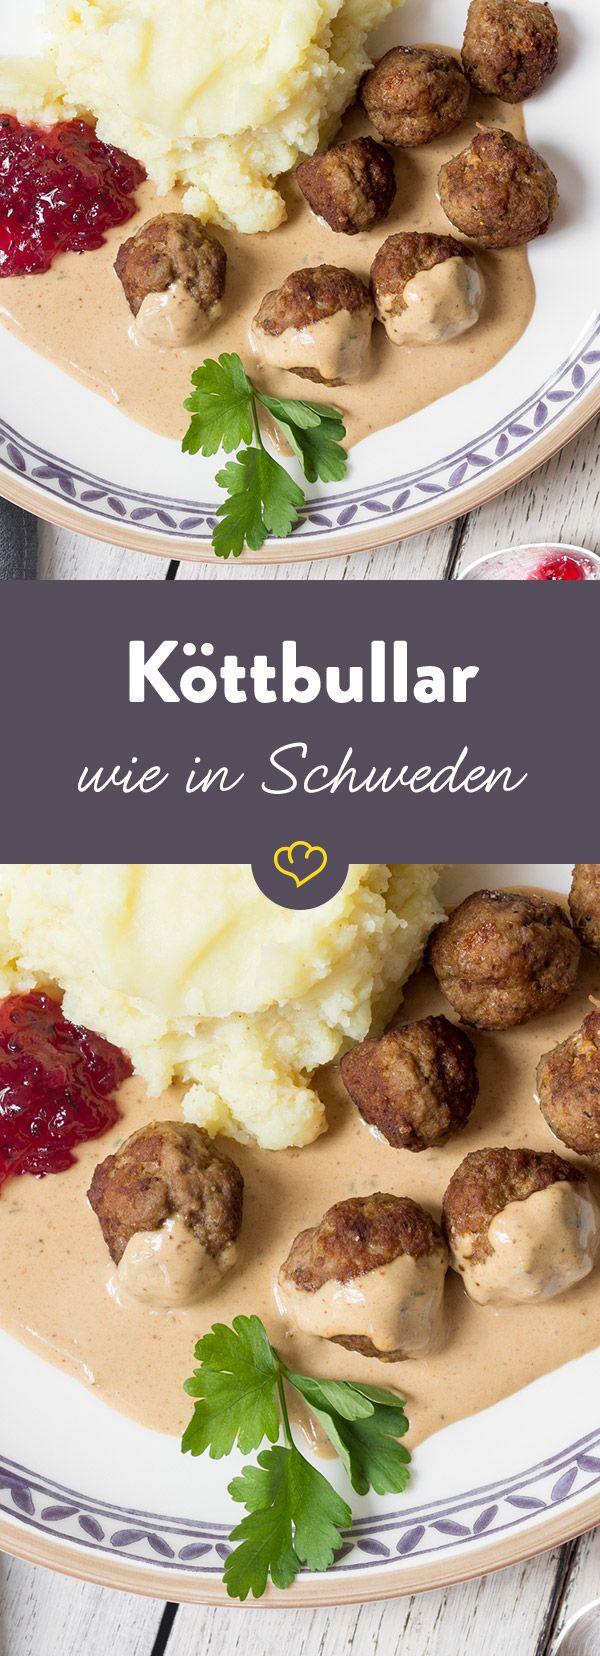 Schwedische Fleischbällchen: Köttbullar mit Preiselbeerkompott #obstgemüse